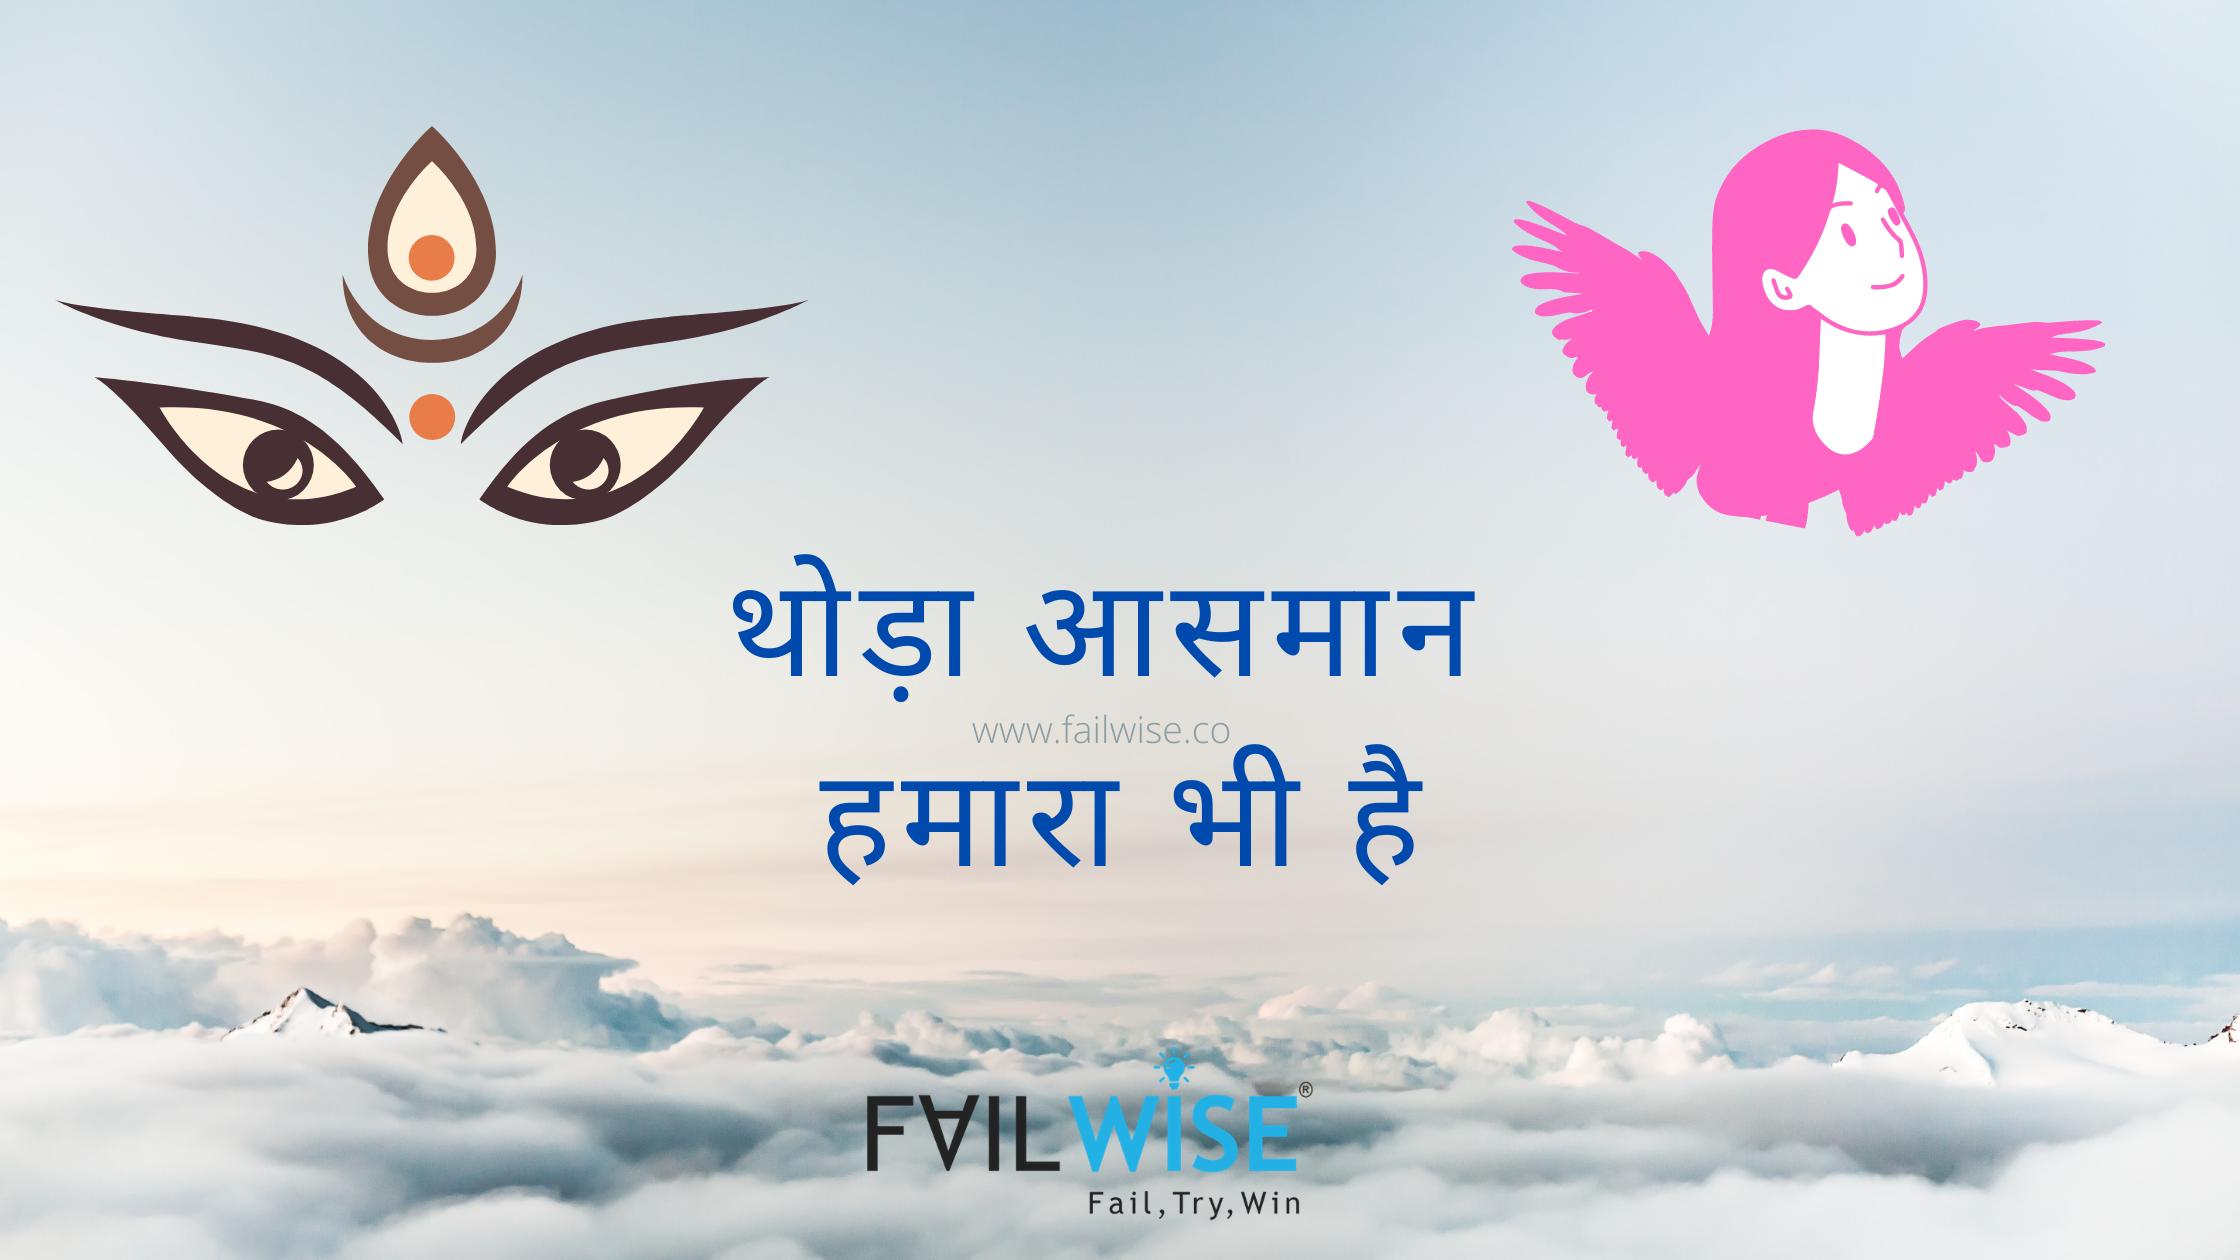 थोड़ा आसमान हमारा भी है। शक्तिस्वरूपा नारी अवसर चाहती है, पूजा नहीं!